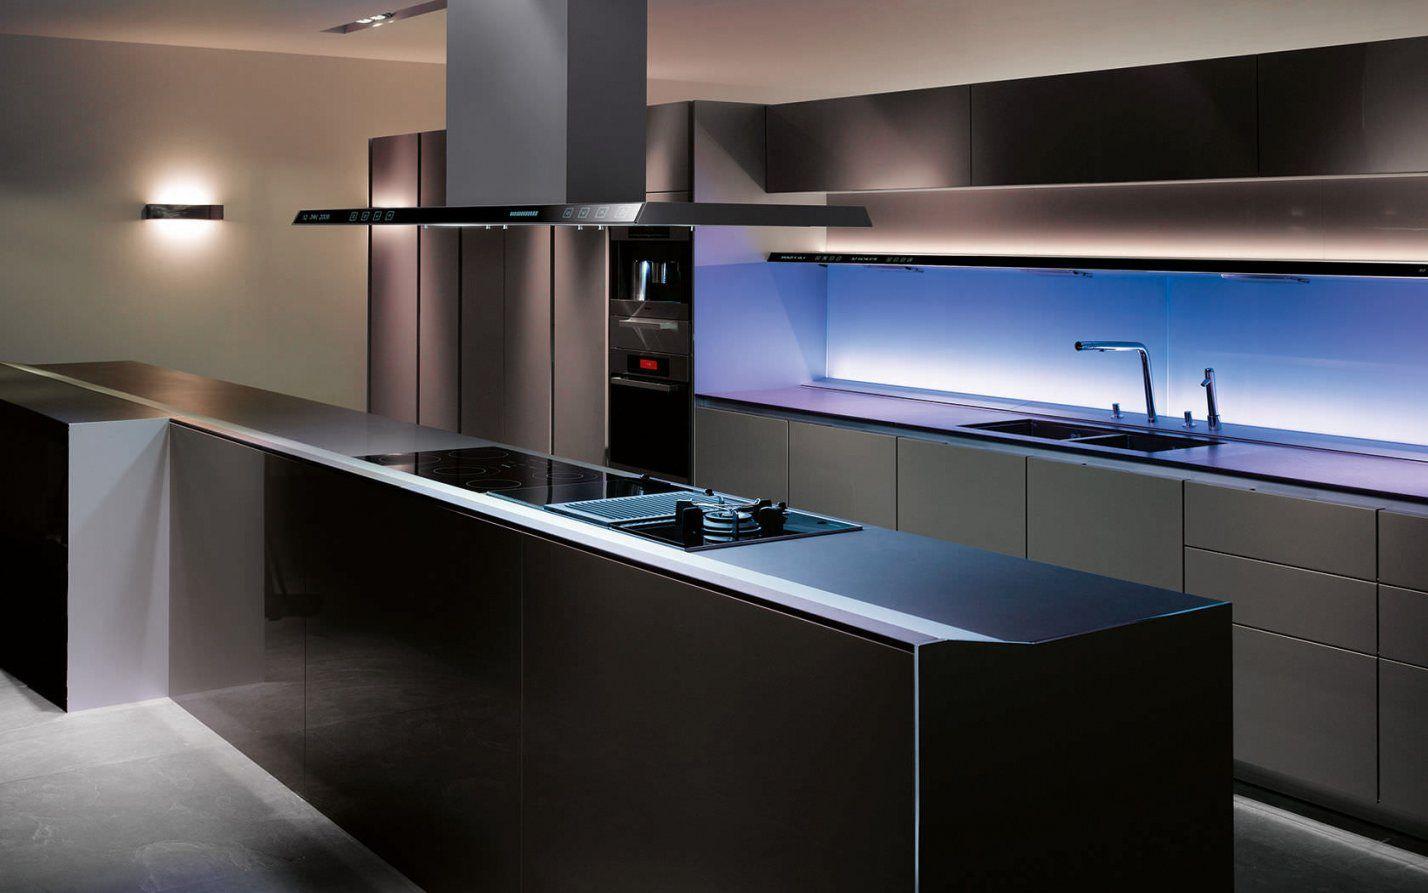 Pleasant Idea Luxus Küche Mit Kochinsel  Home Design Ideas von Luxus Küche Mit Kochinsel Photo